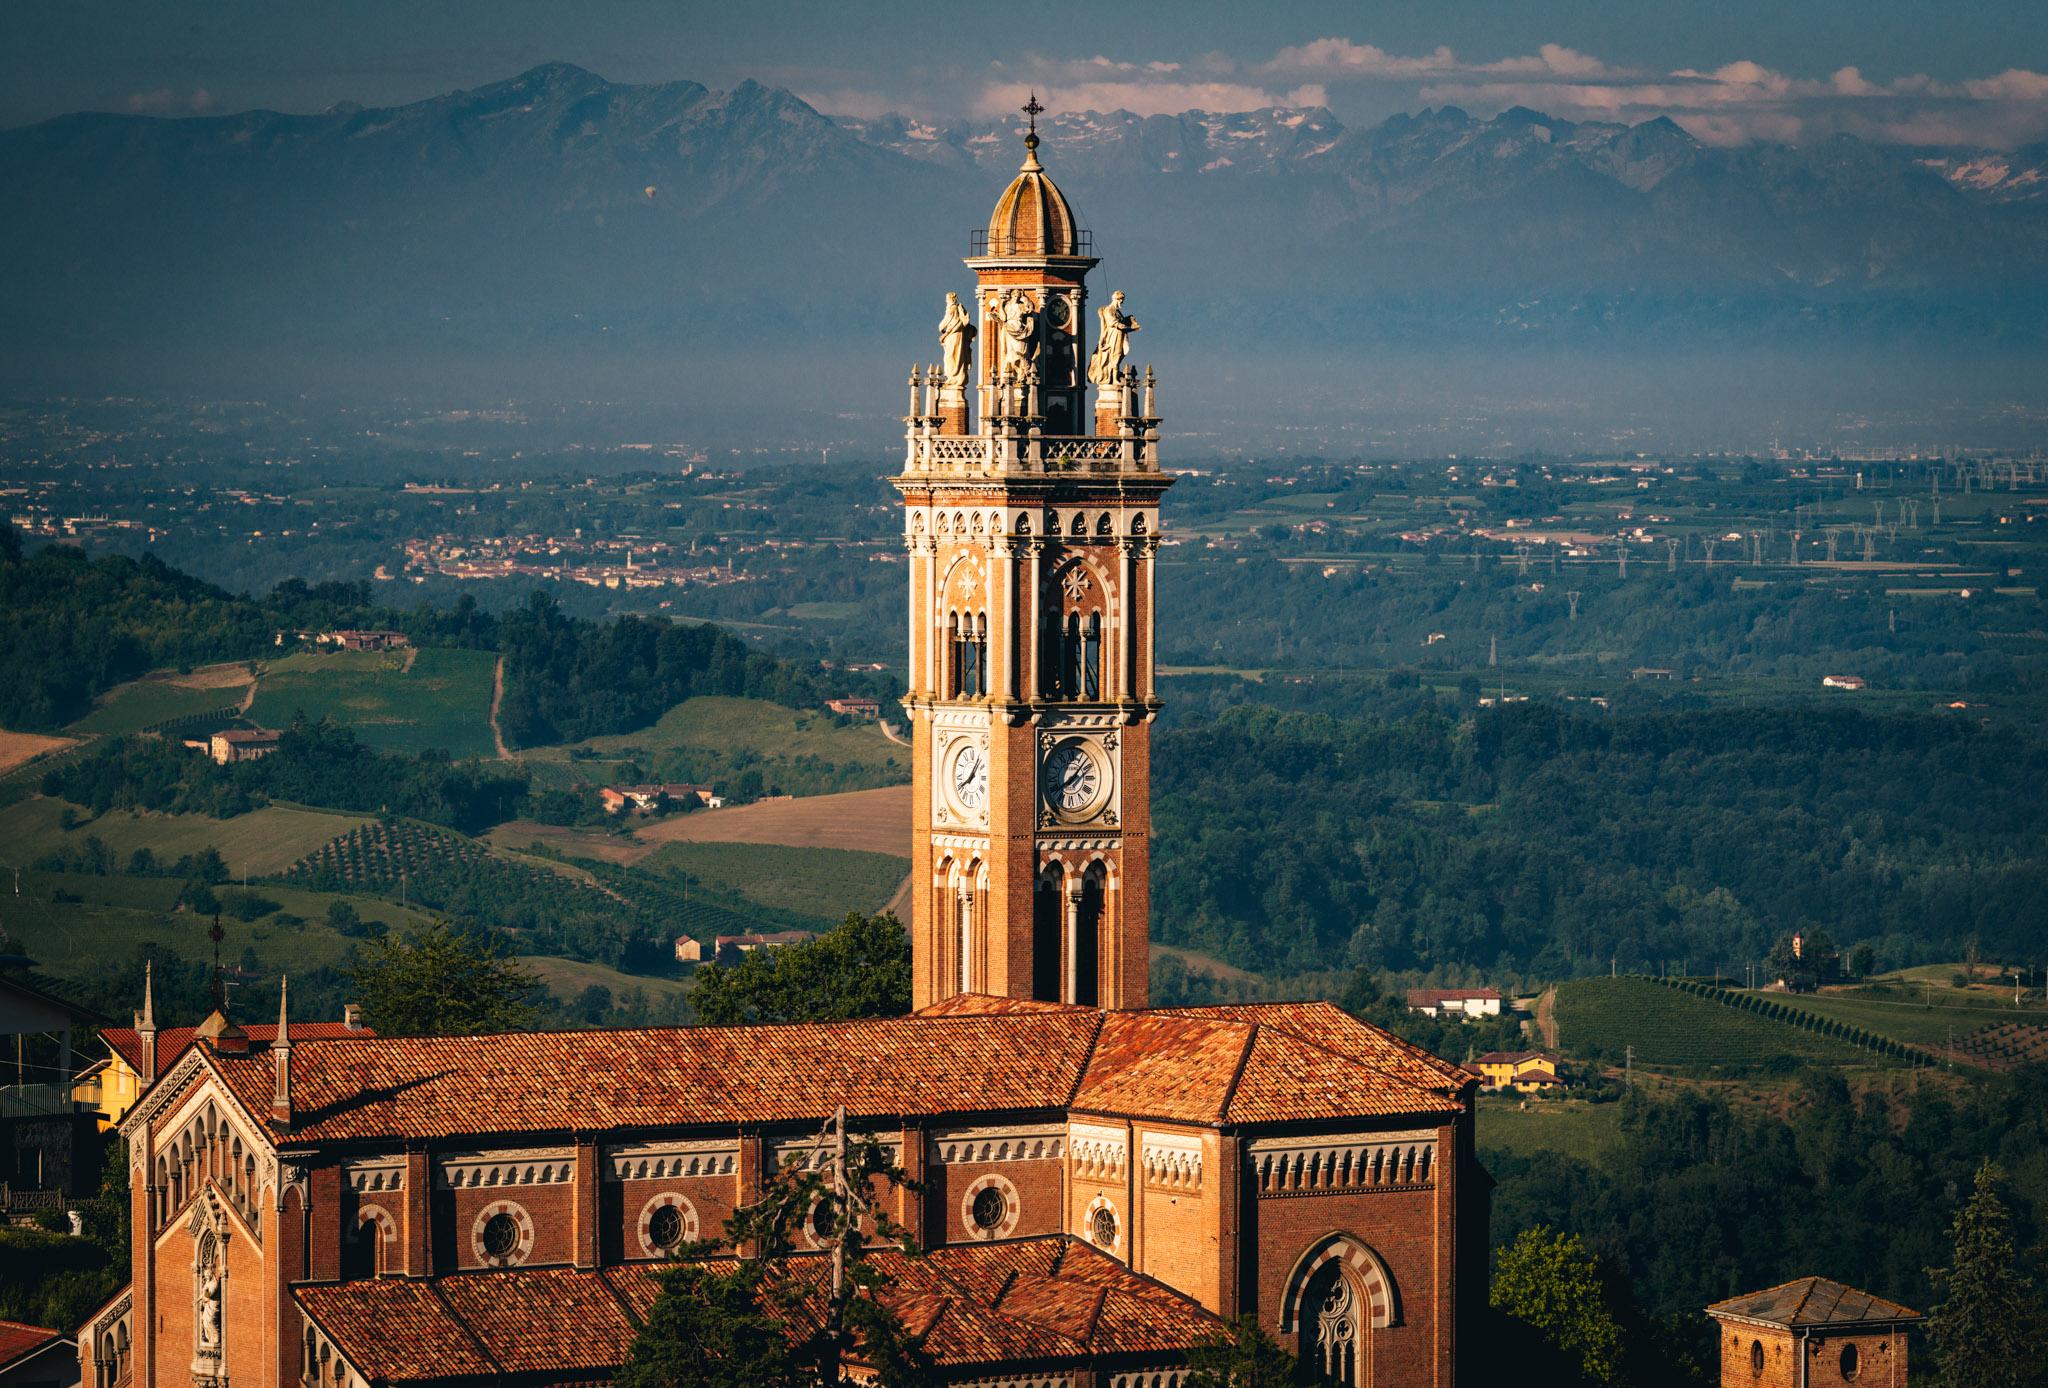 Italy : Piedmont : Monforte d'Alba